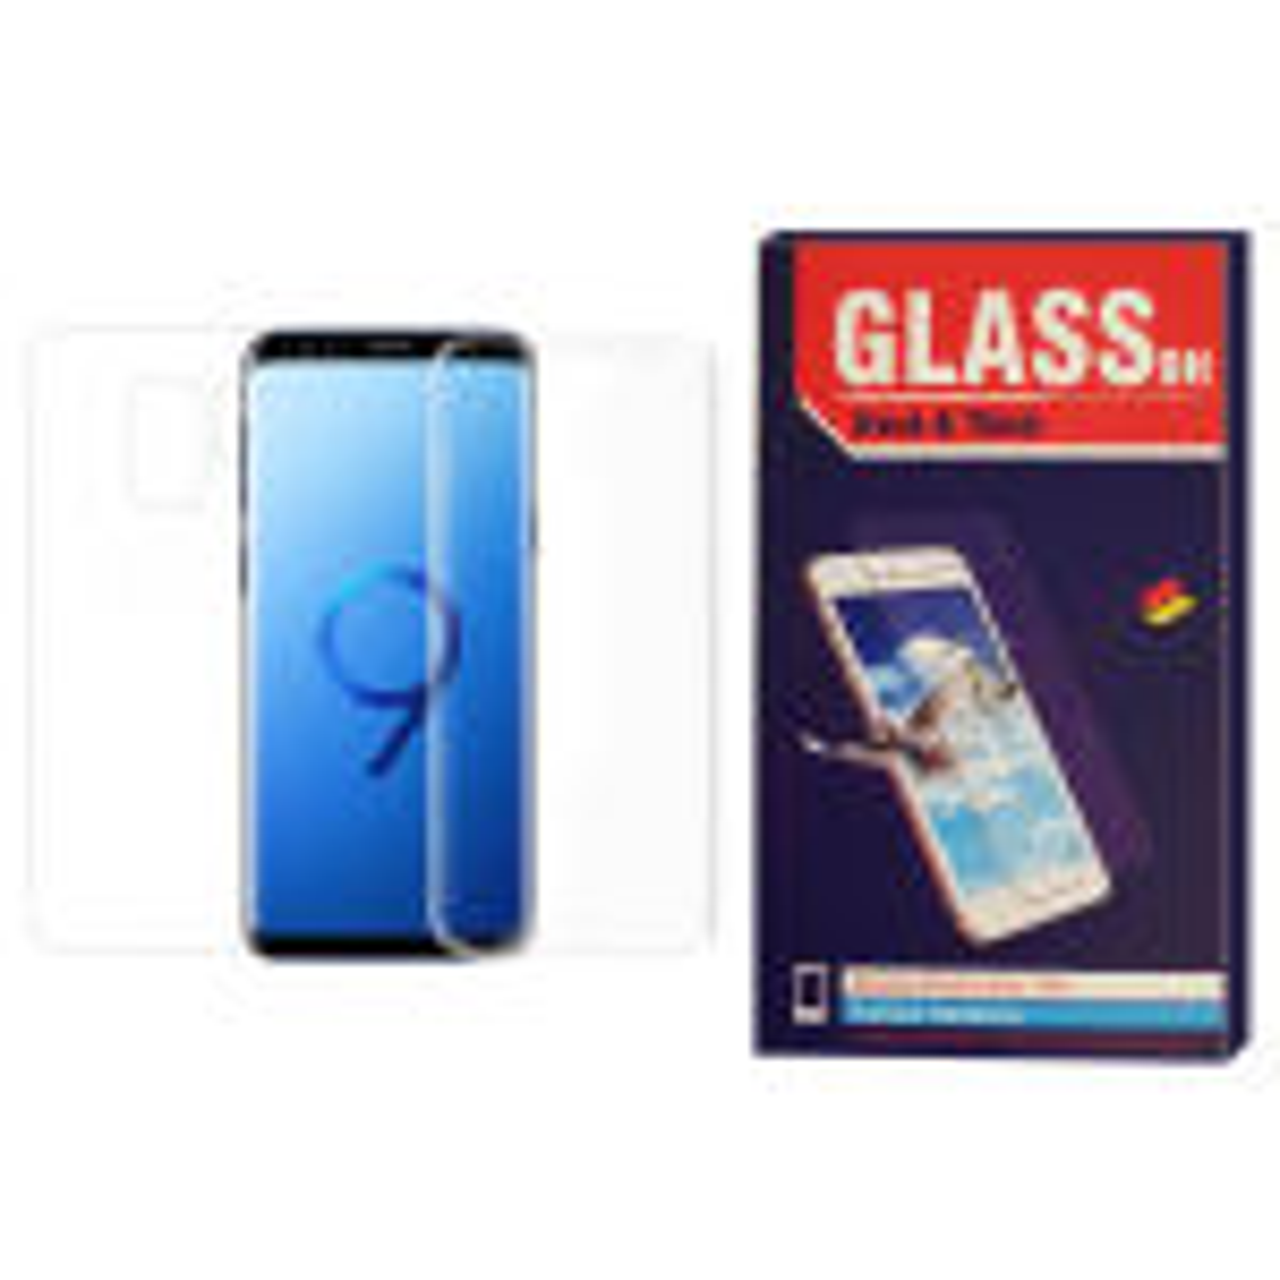 محافظ صفحه نمایش و پشت Hard and thick مدل CR-001 مناسب برای گوشی موبایل سامسونگ  Galaxy S9 plus thumb